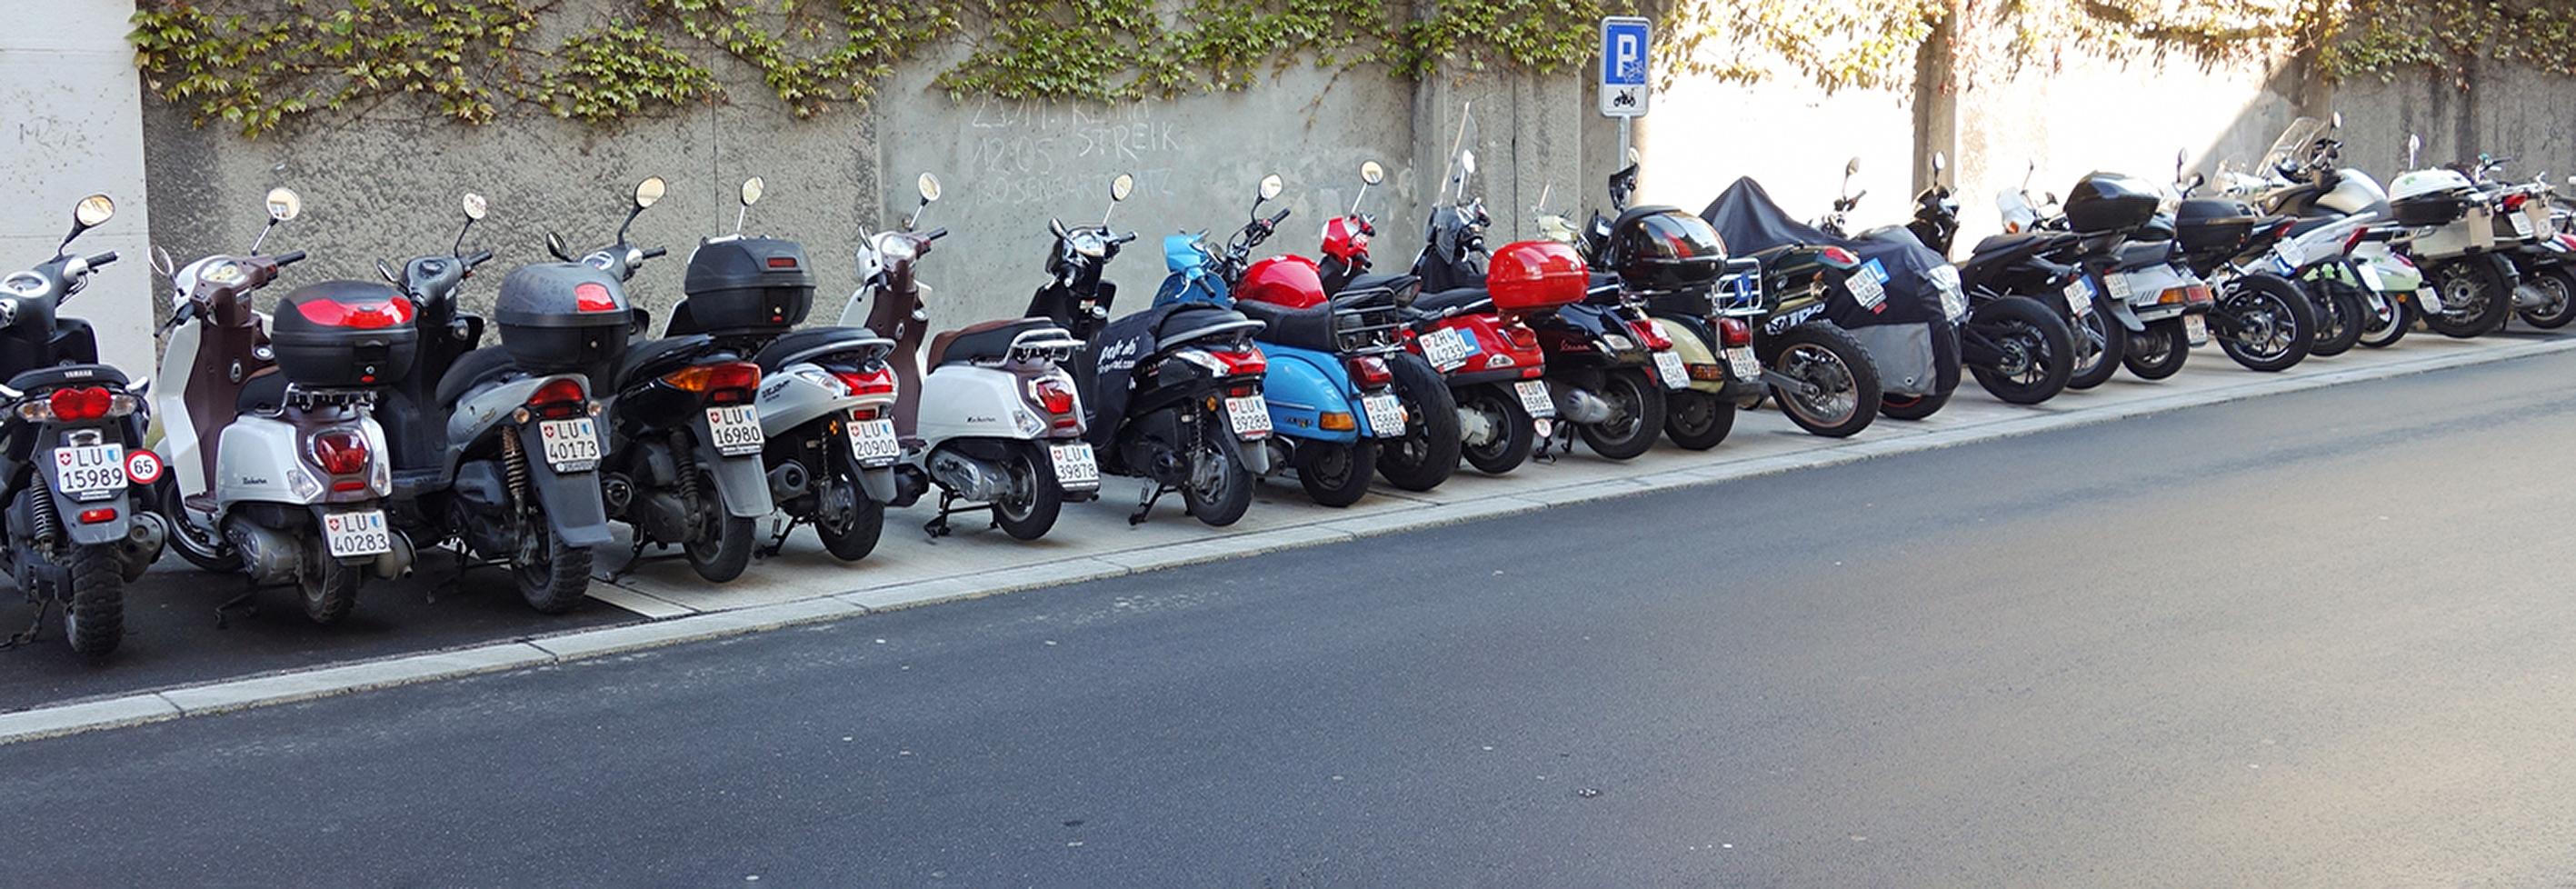 Motoparkierung